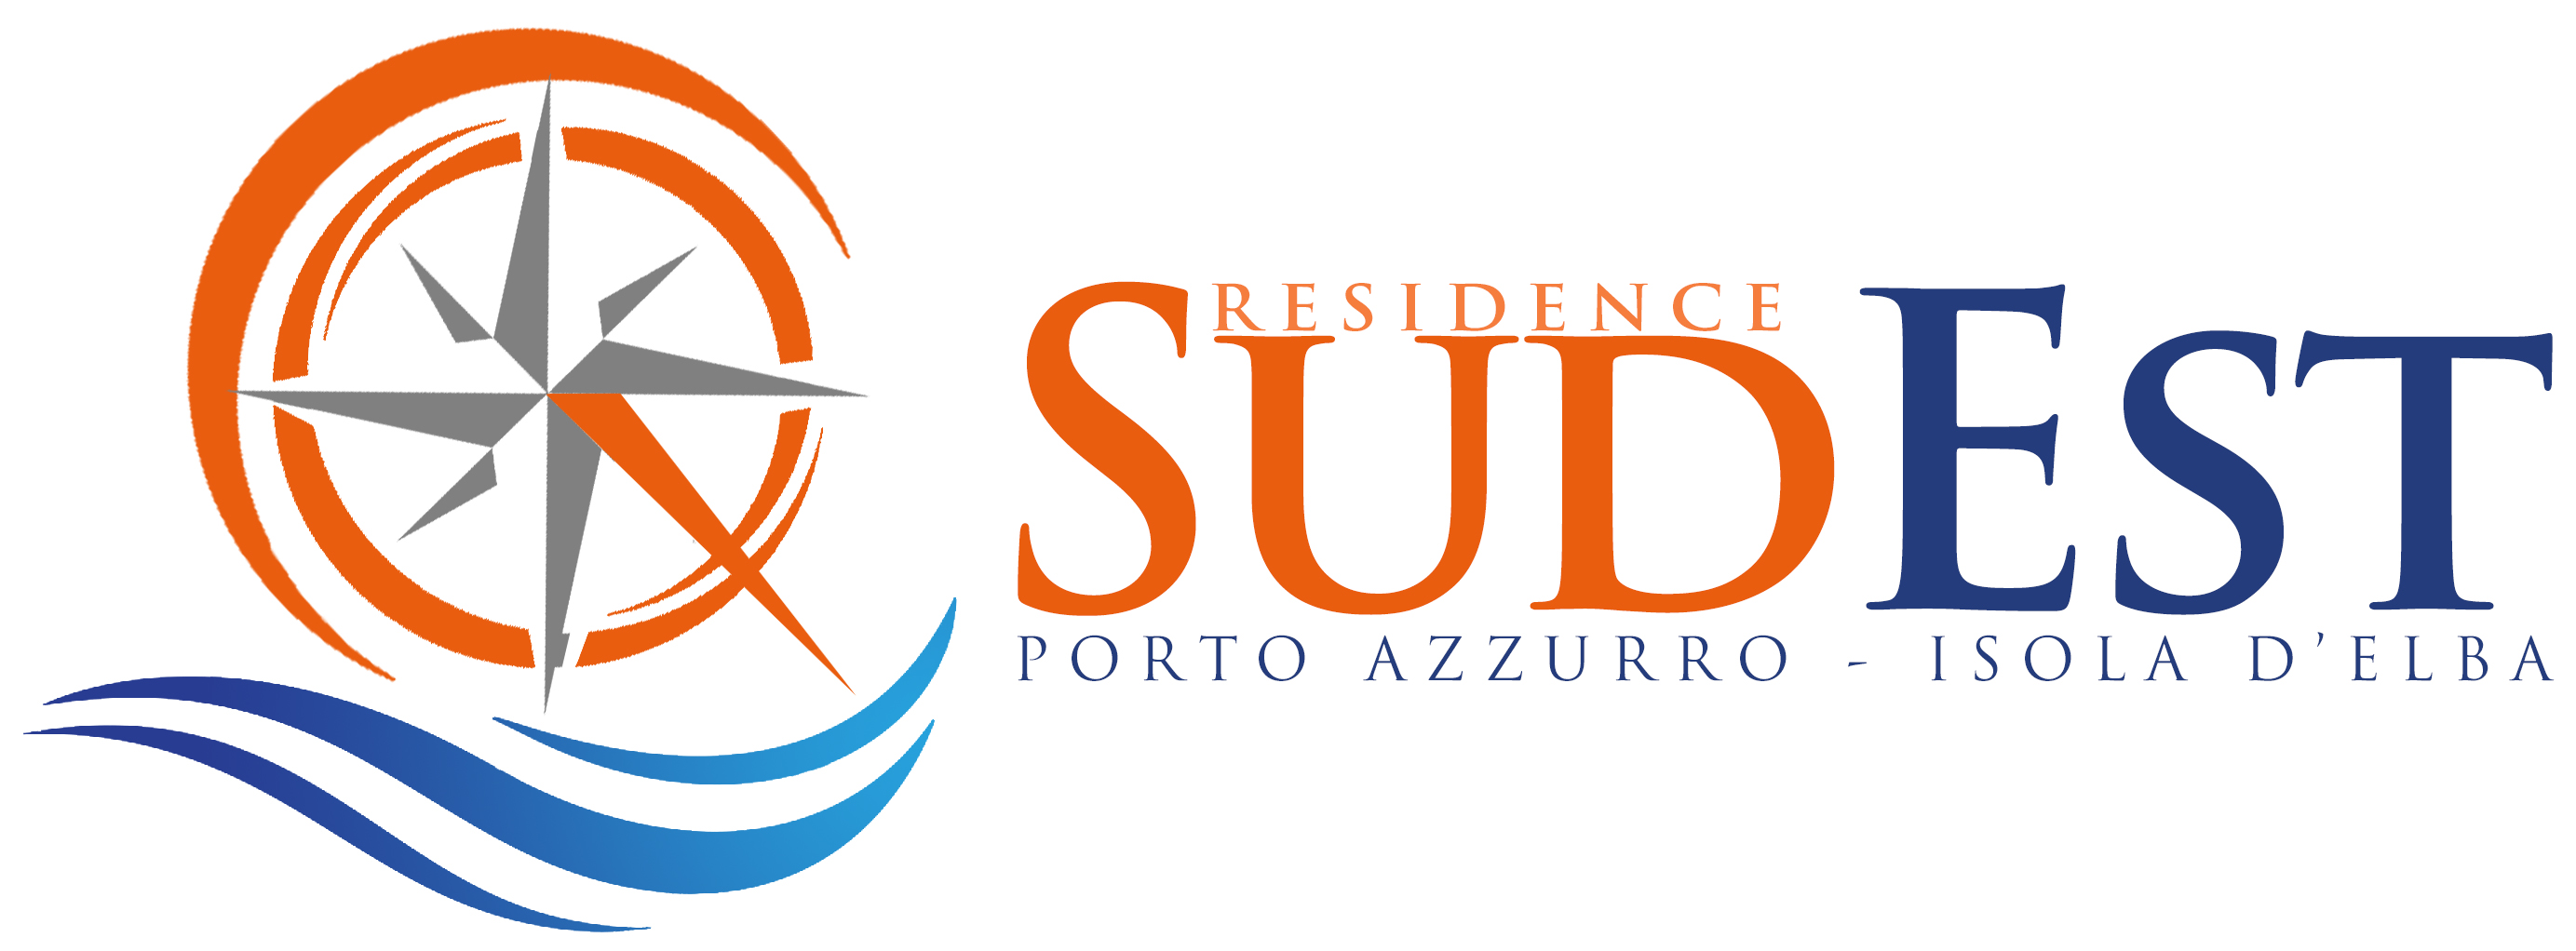 Elba Residence Sud Est